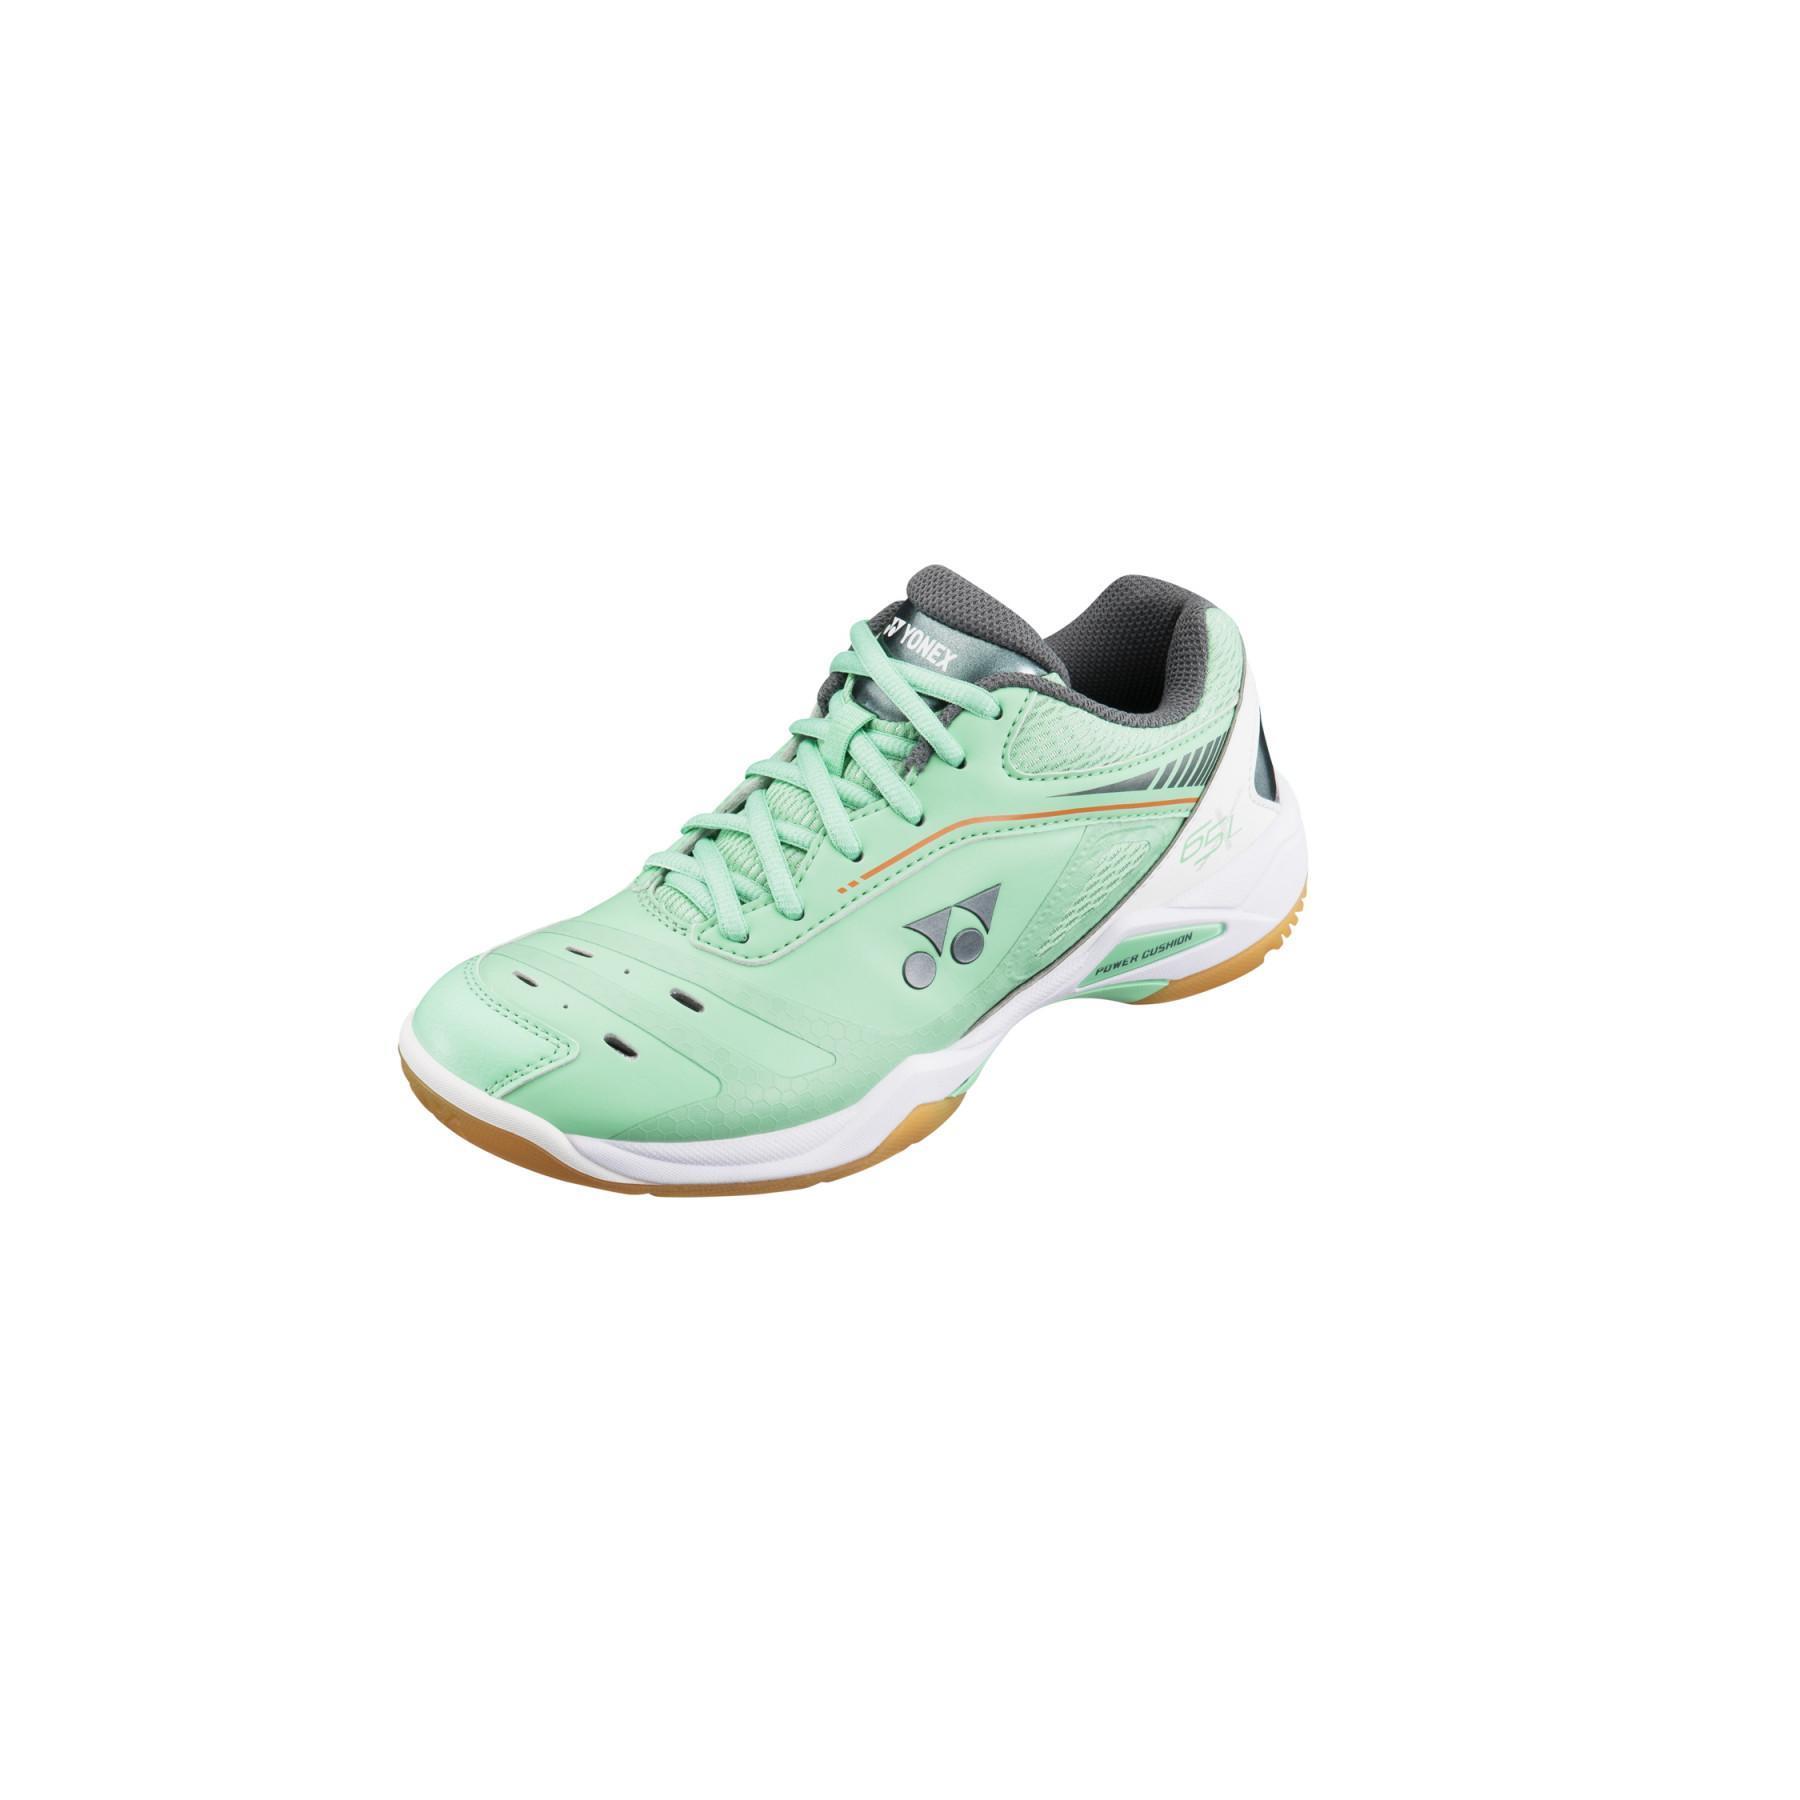 Women's shoes Yonex PC-65X